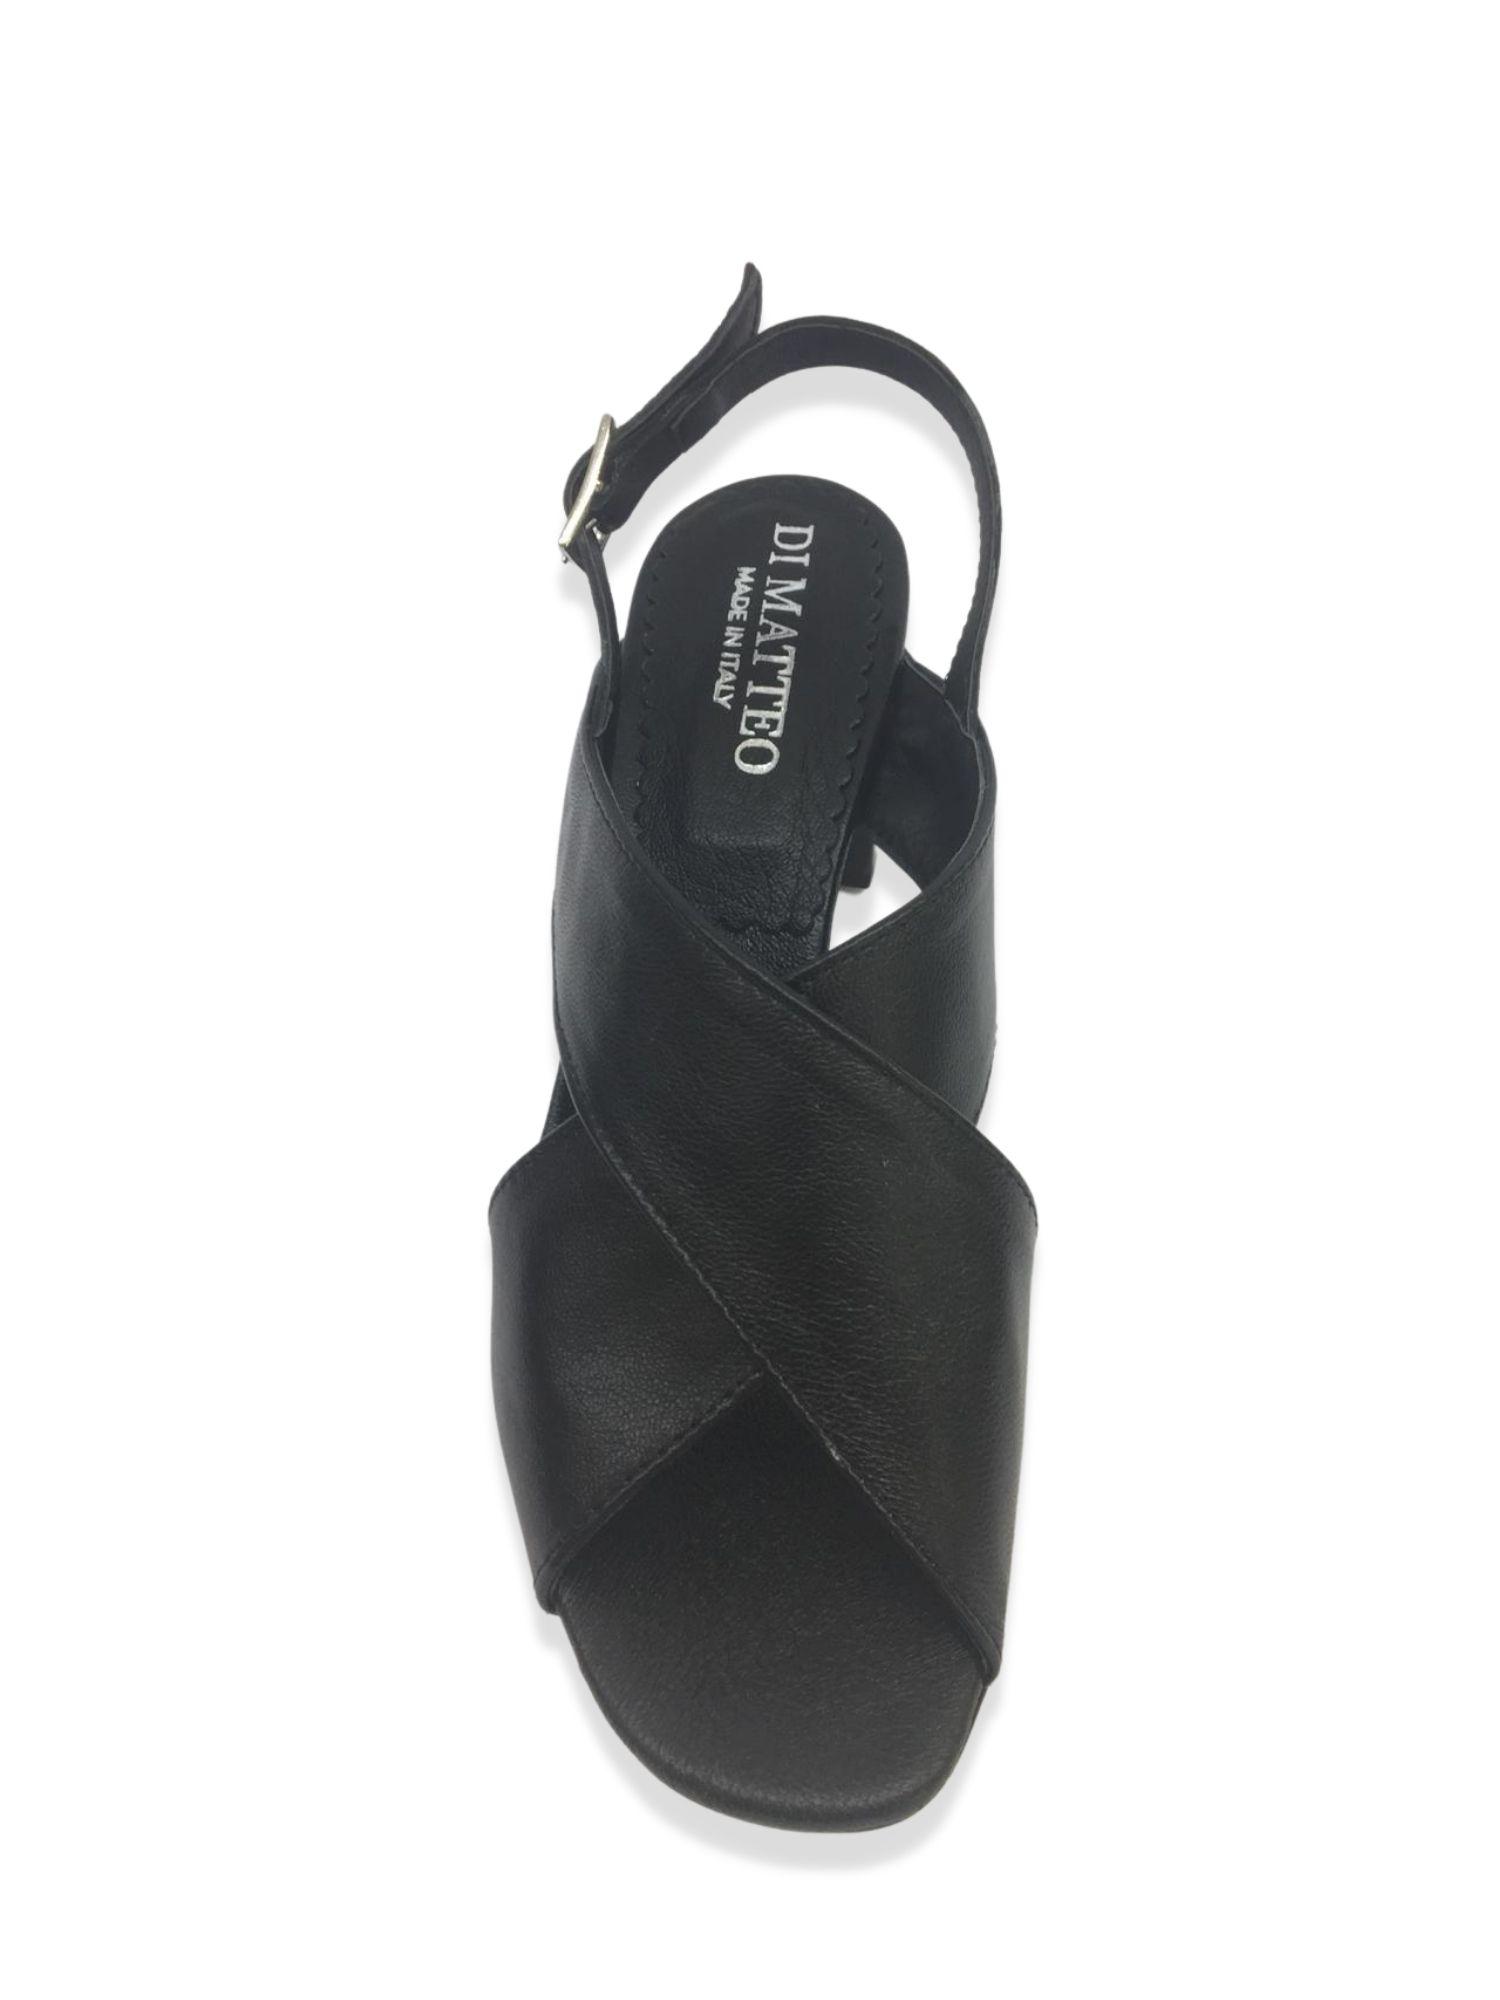 Sandalo Made in Italy 505 Nero alto 1